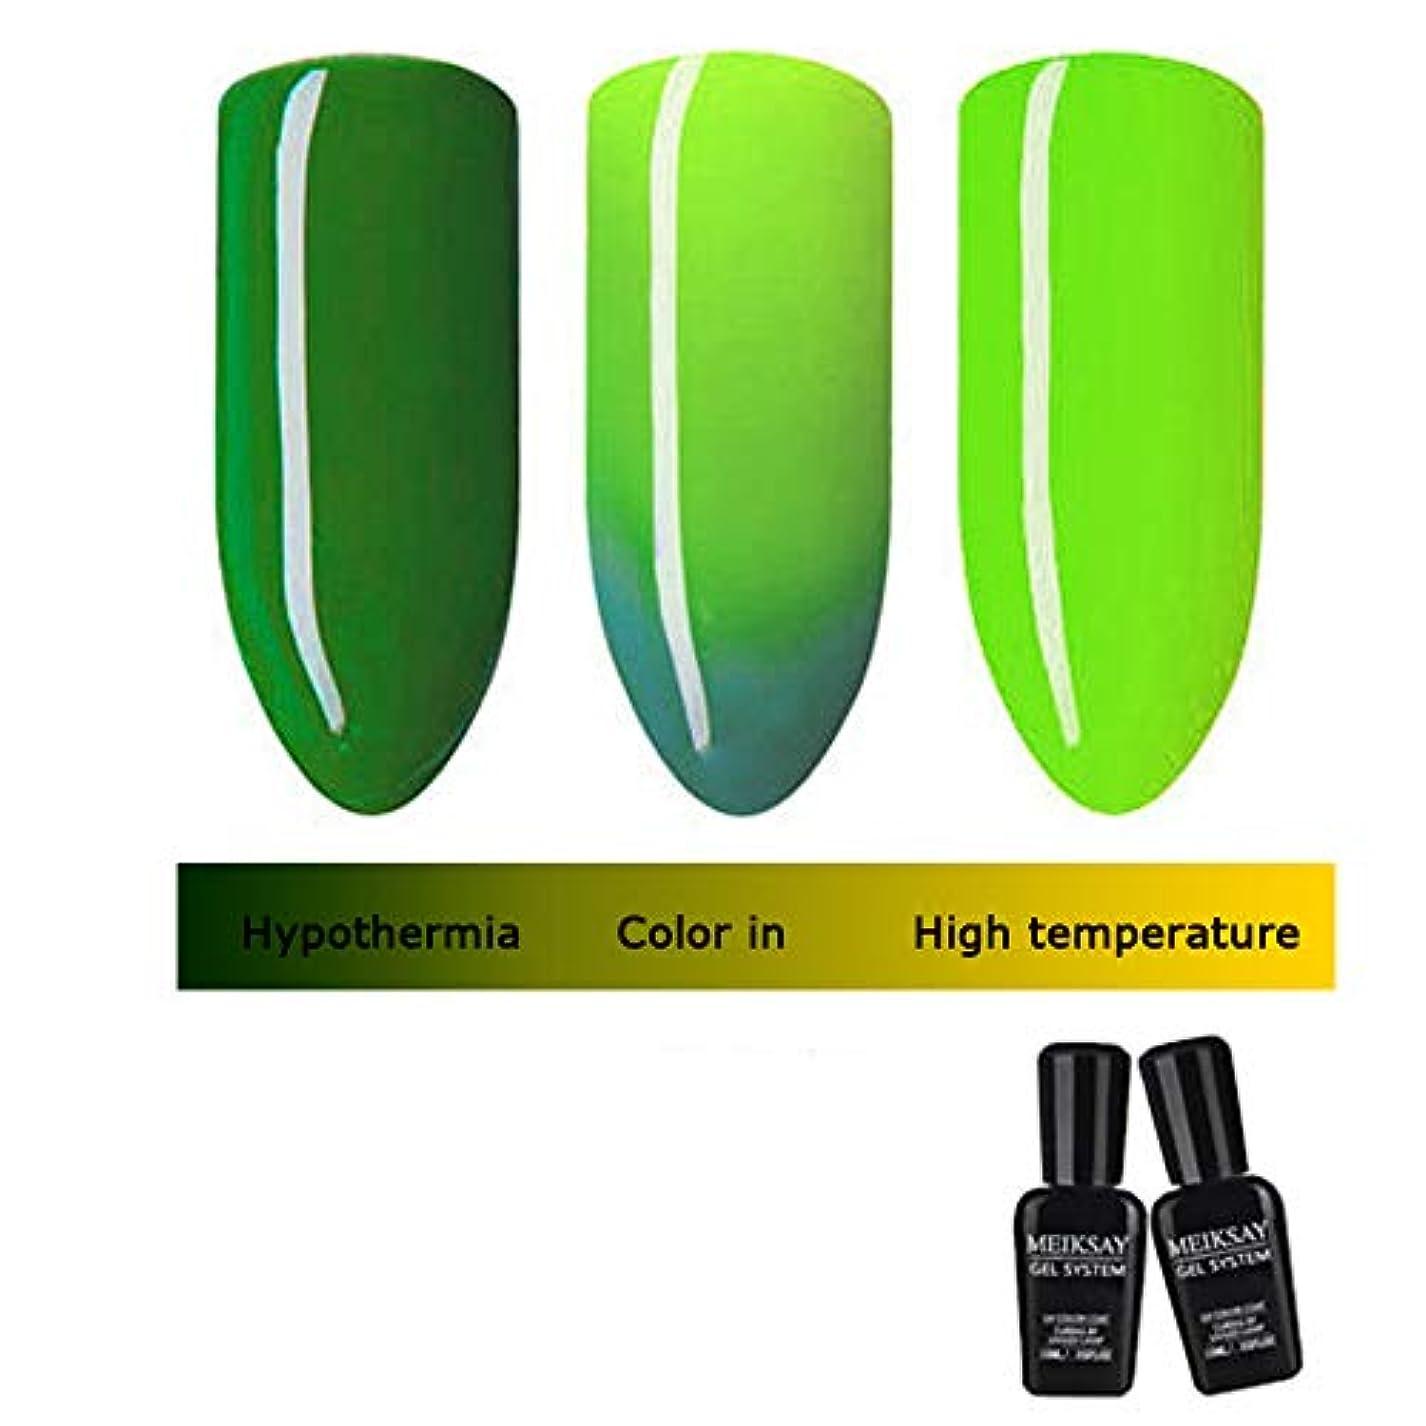 テレックスシットコム今Lazayyii マニキュア サーモクロミック光線療法のり 熱温度変化色 ネイルラッカーUV LEDポリッシュゲル (B)